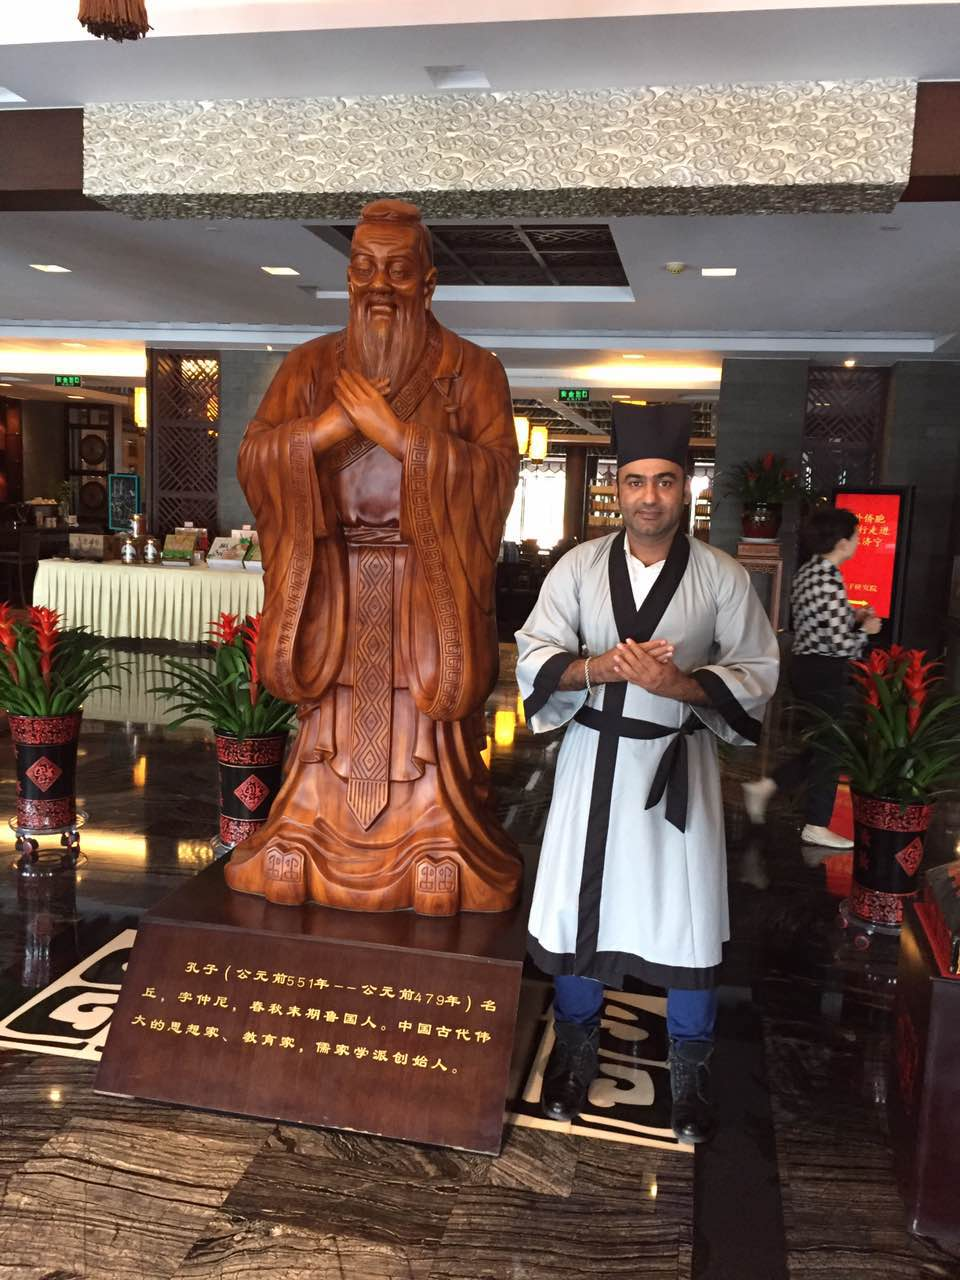 巴基斯坦和中国文化的差异